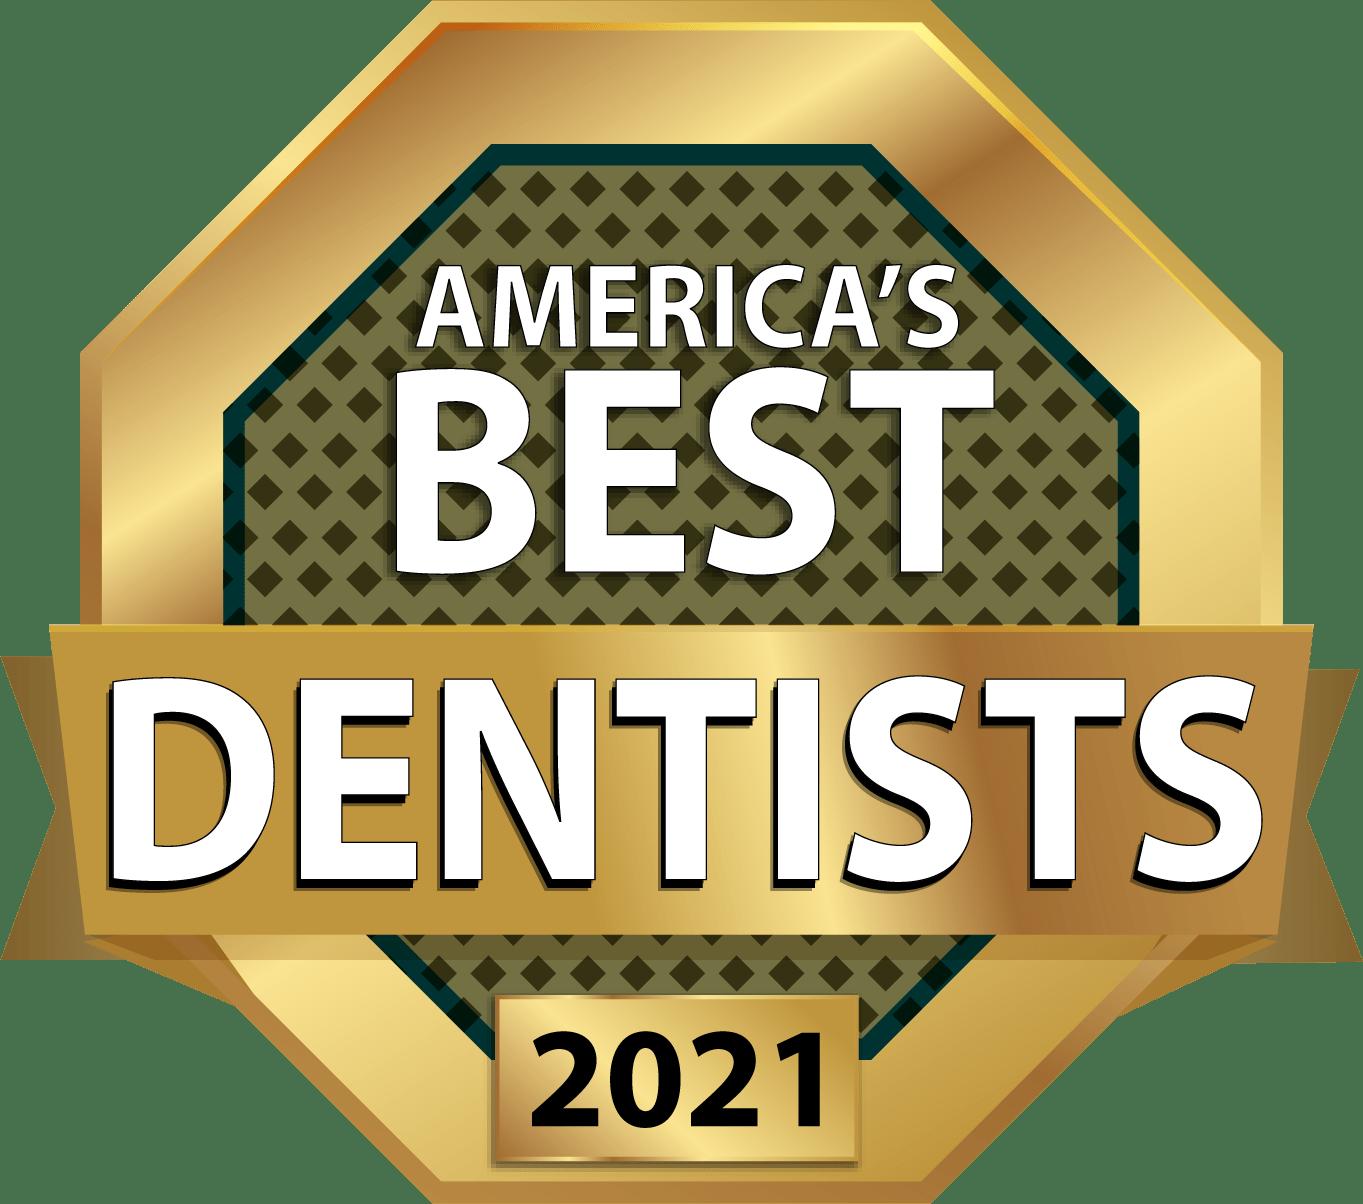 Dentist OCTAGONAL Neutral 2021 - Meet Our Team